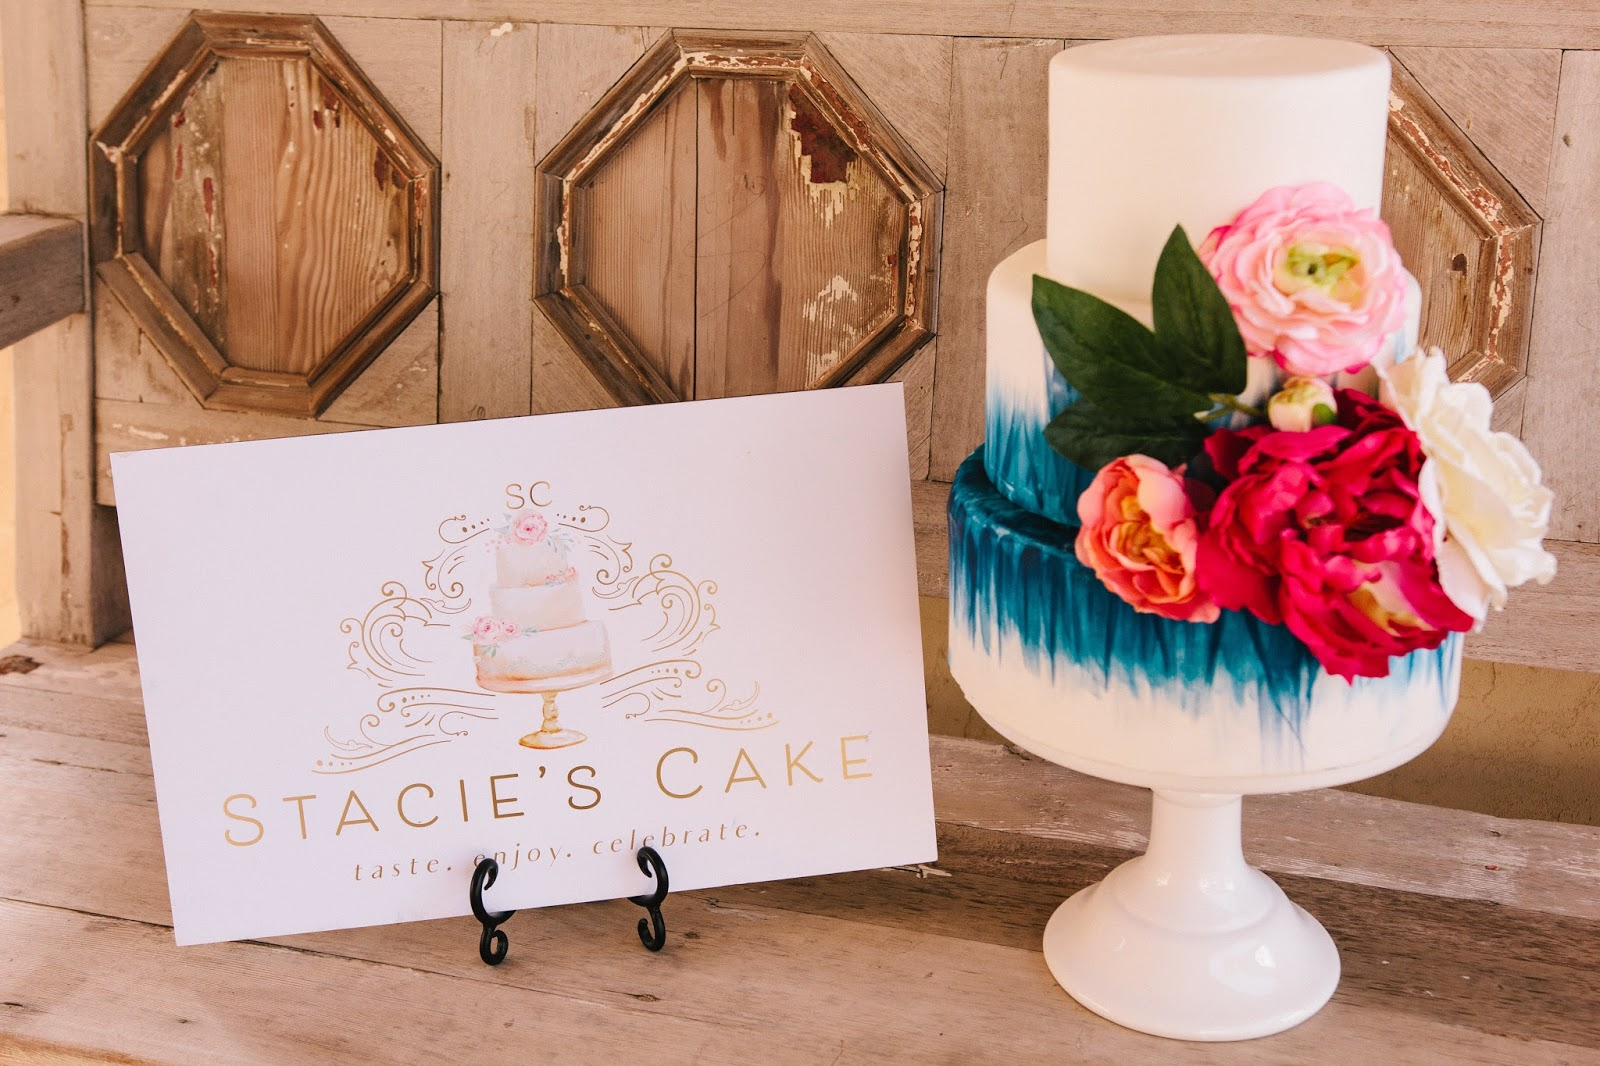 stacies cakes